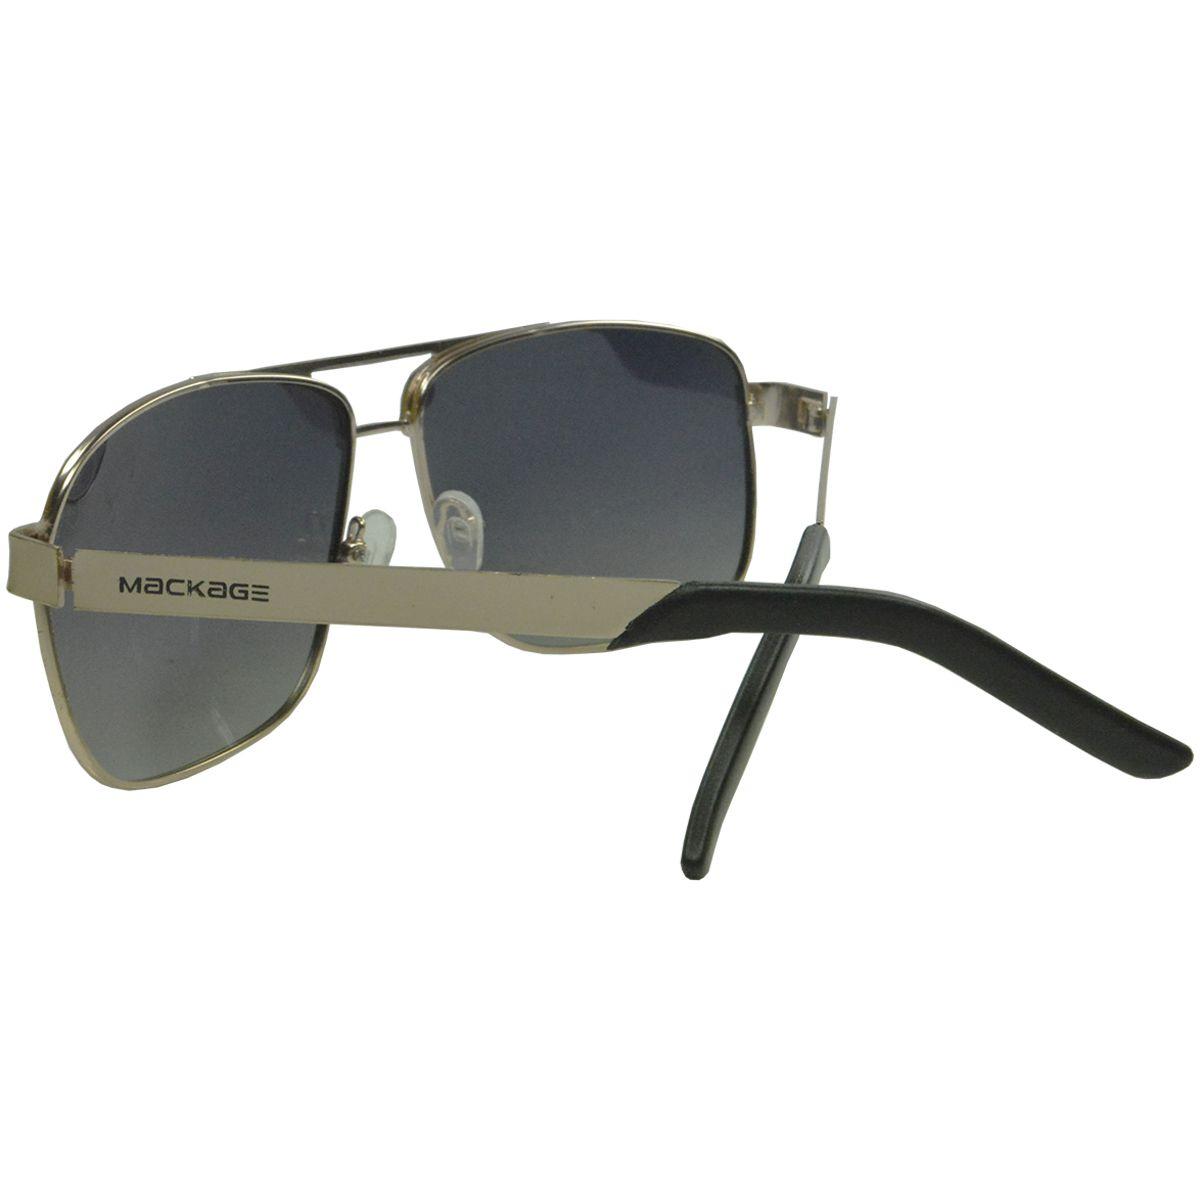 Óculos de Sol Mackage MK3137PC5MD Prata